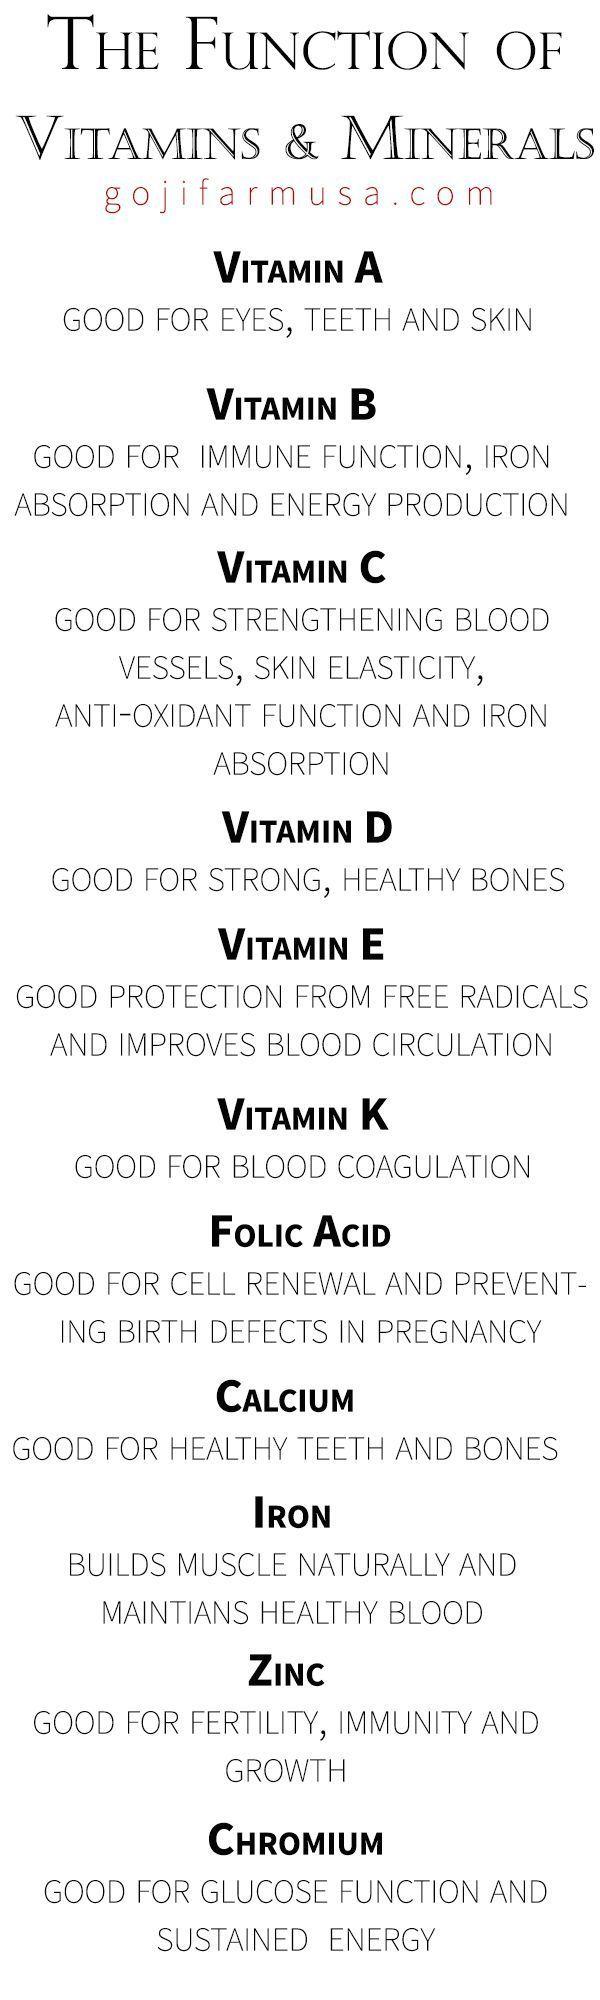 Infographic Weight Loss: Propiedades y beneficios de las bayas de goji